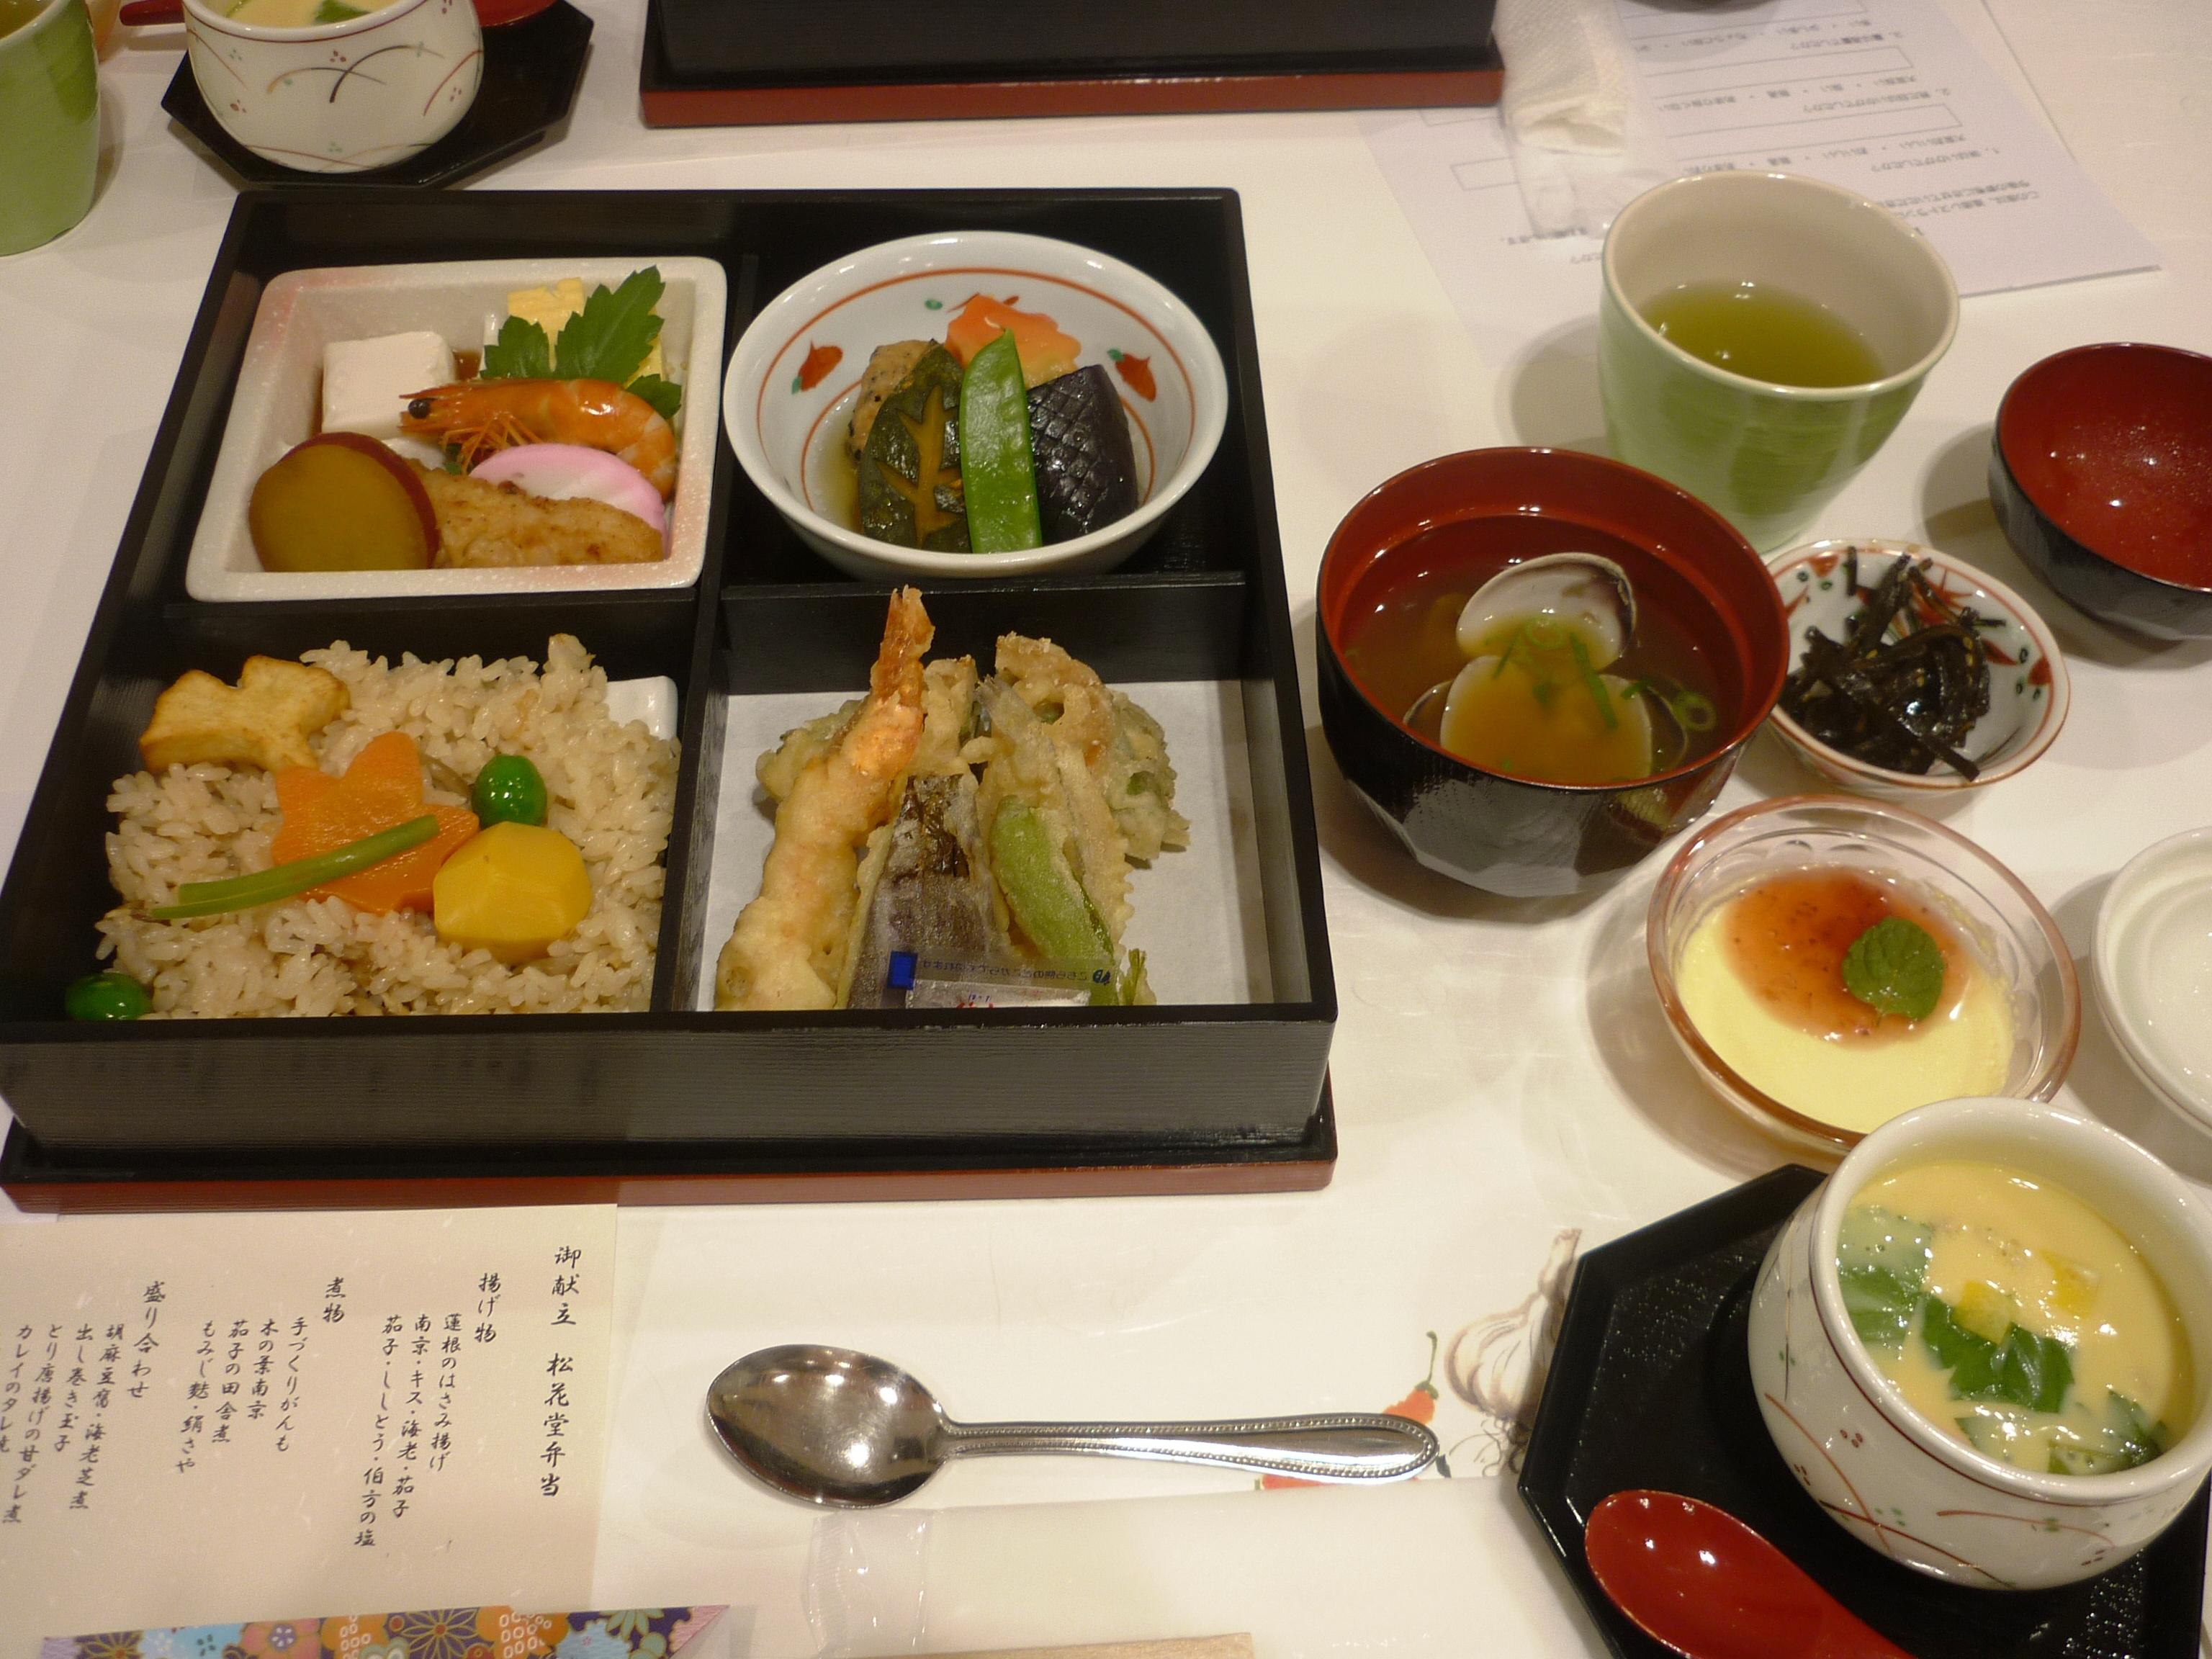 松花堂弁当、浅利の味噌汁、茶碗蒸し、佃煮、南京ムース